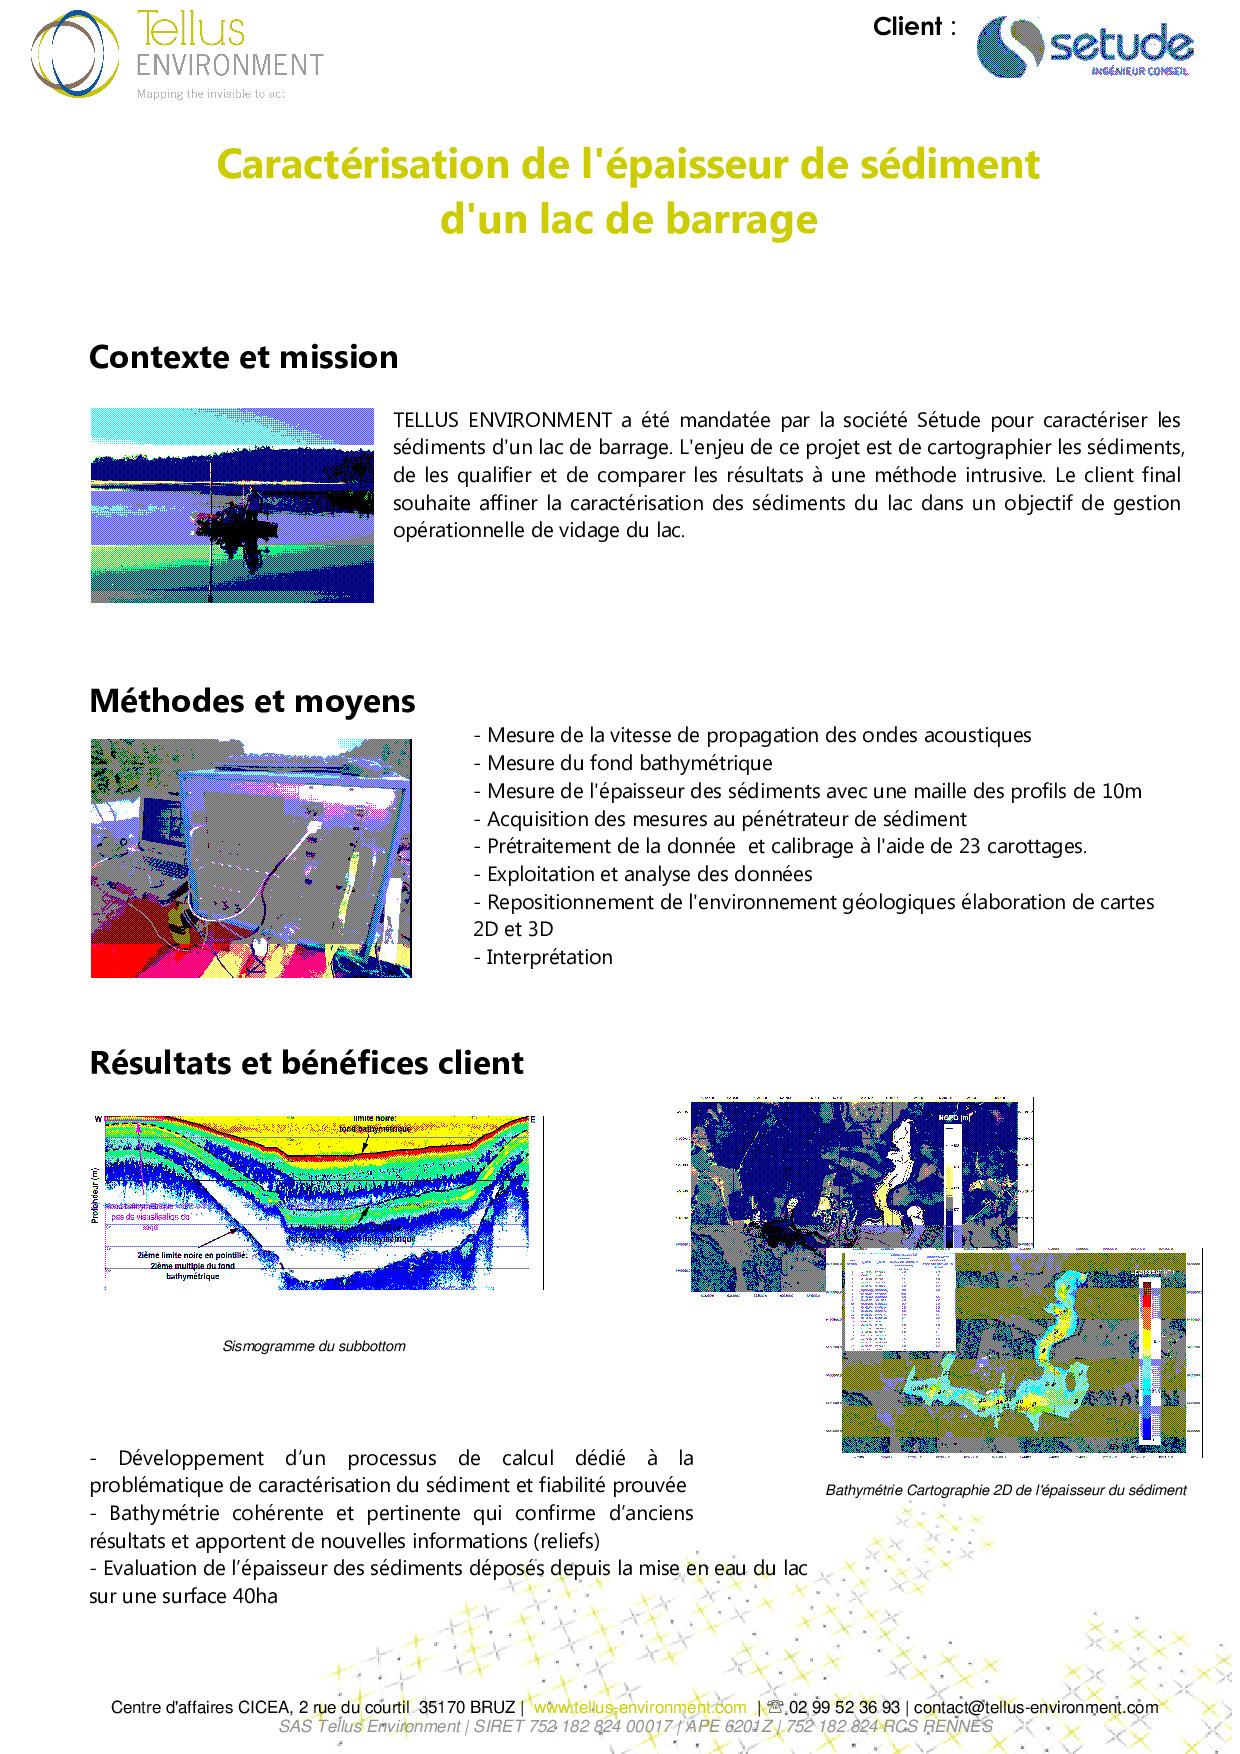 12 Tellus Environment Caractérisation de sédiments Subbottom  p001 - Tellus Environment